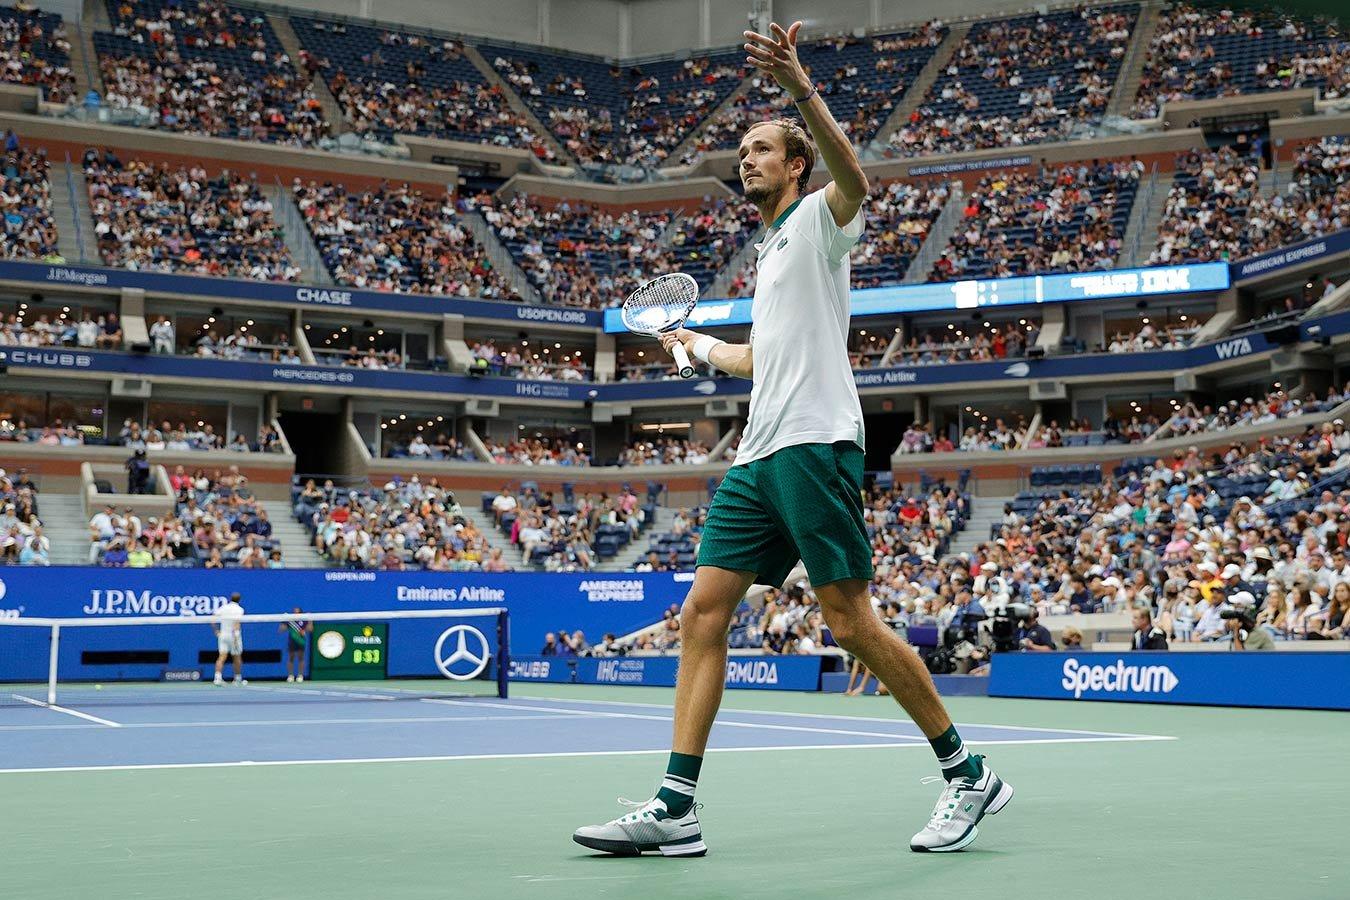 Медведев обыграл Эванса и вышел в четвертьфинал US Open